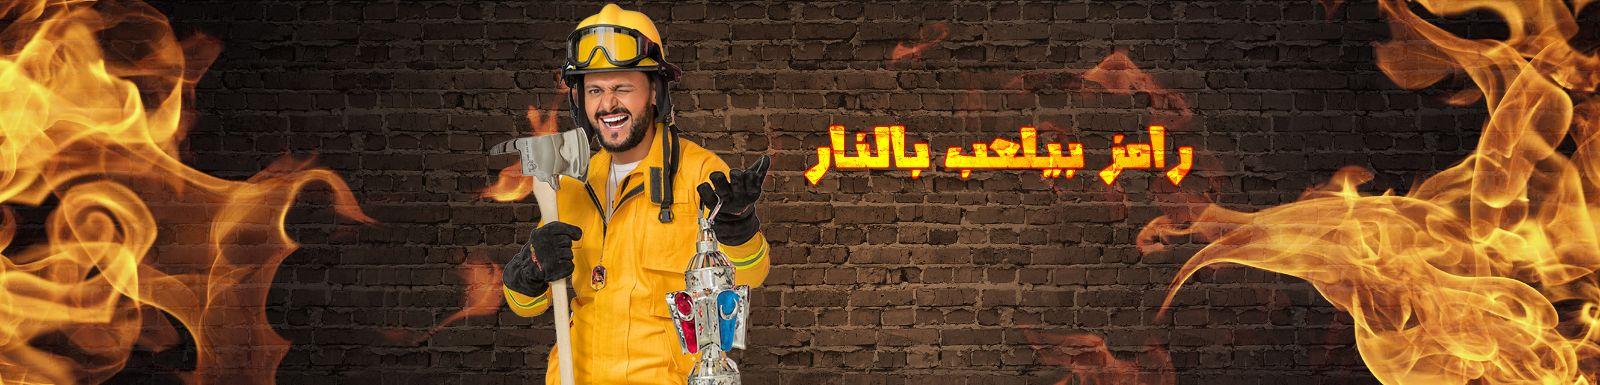 تحميل برنامج رامز بيلعب بالنار الحلقة 27 شاهد نت 2016 مها ابو عوف